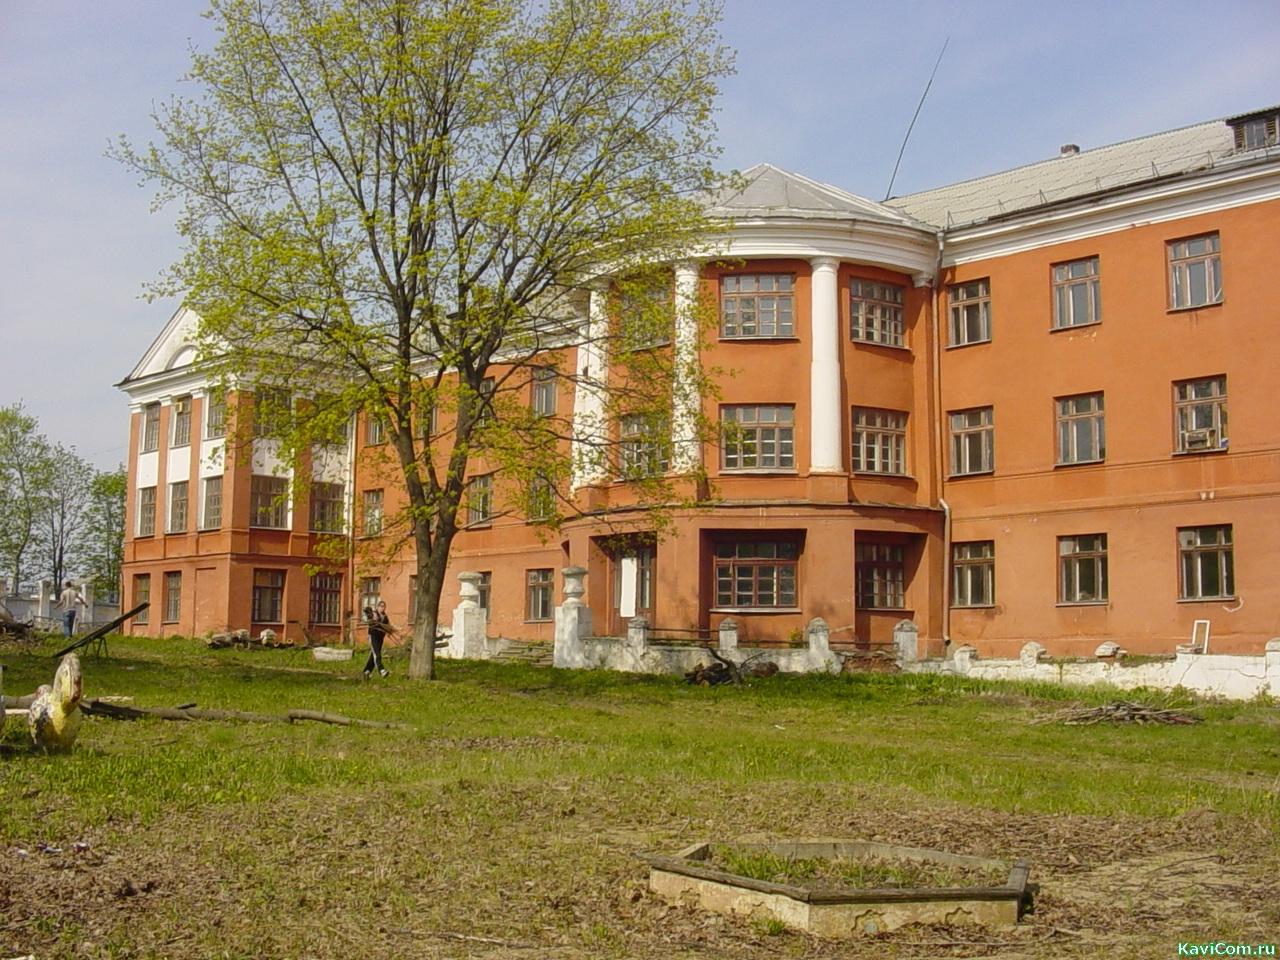 Фото старооскольский педагогический колледж 5